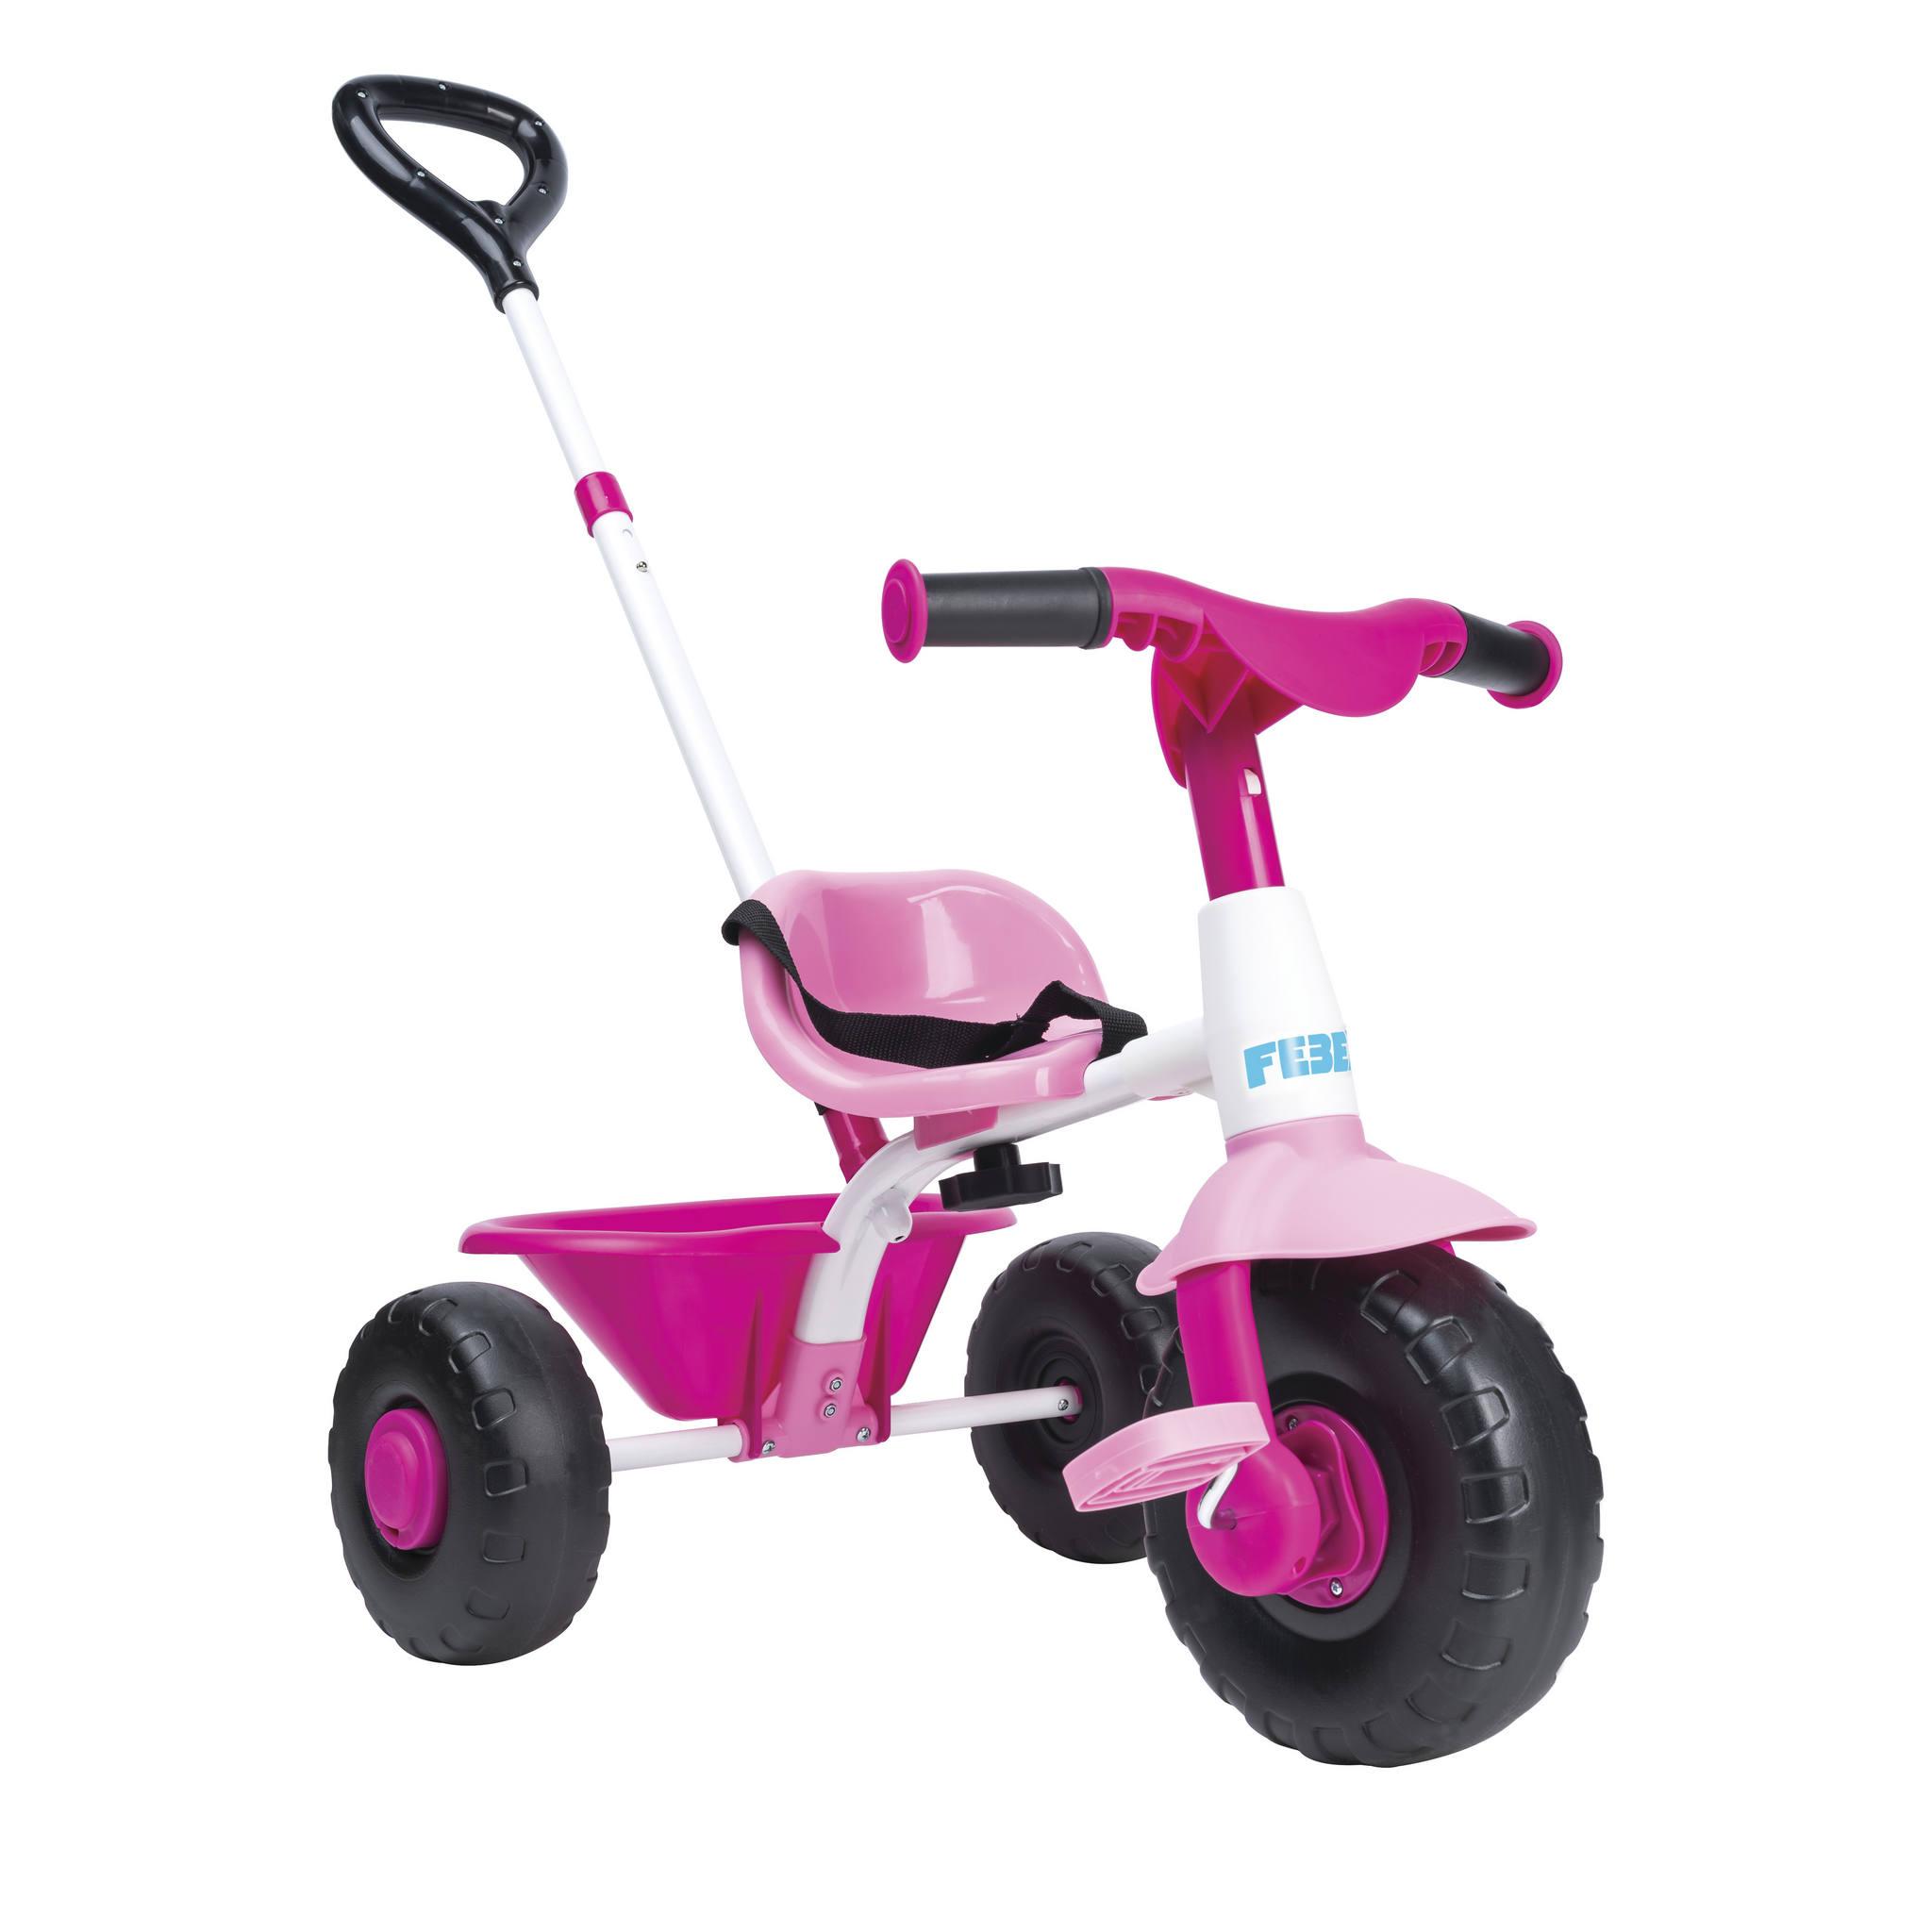 BABY TRIKE PINK 12811 - V46321